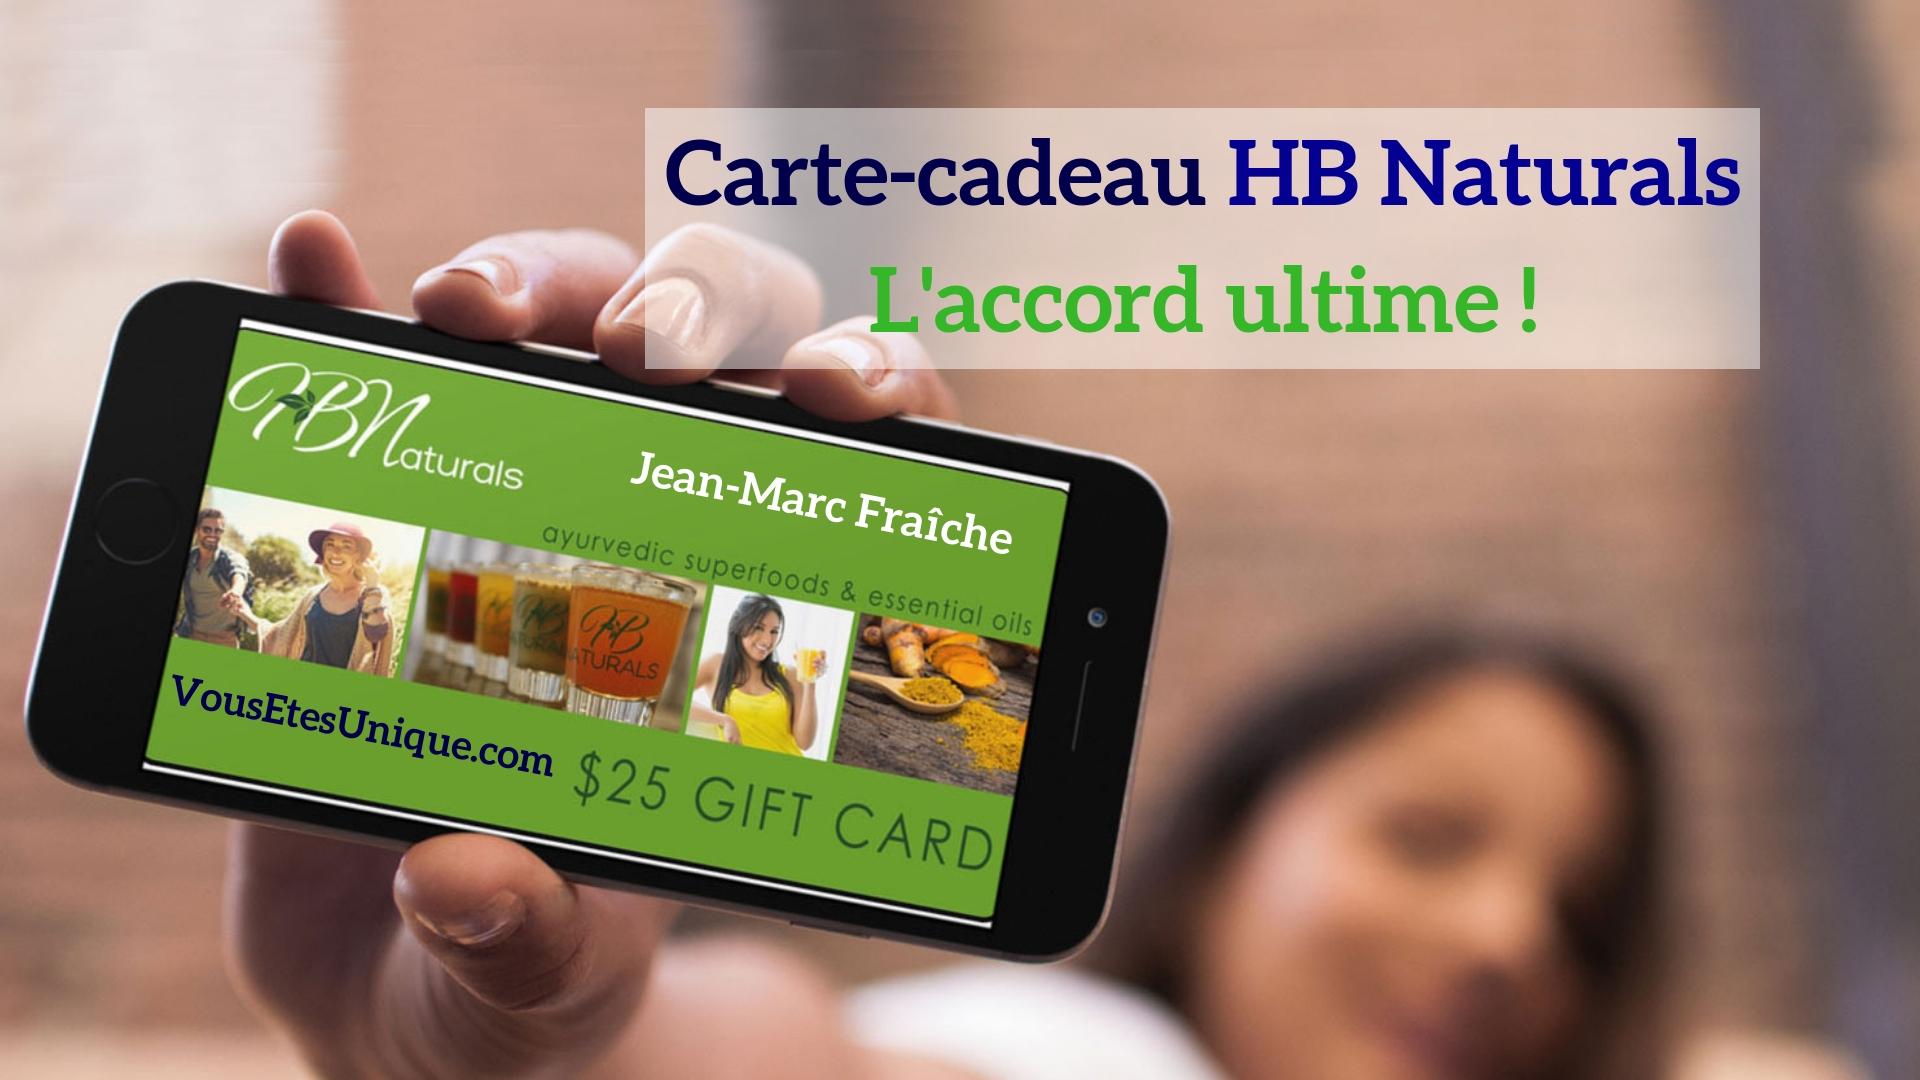 L-Accord-Ultime-Carte-Cadeaux-HB-Naturals-Jean-Marc-Fraiche-VousEtesUnique